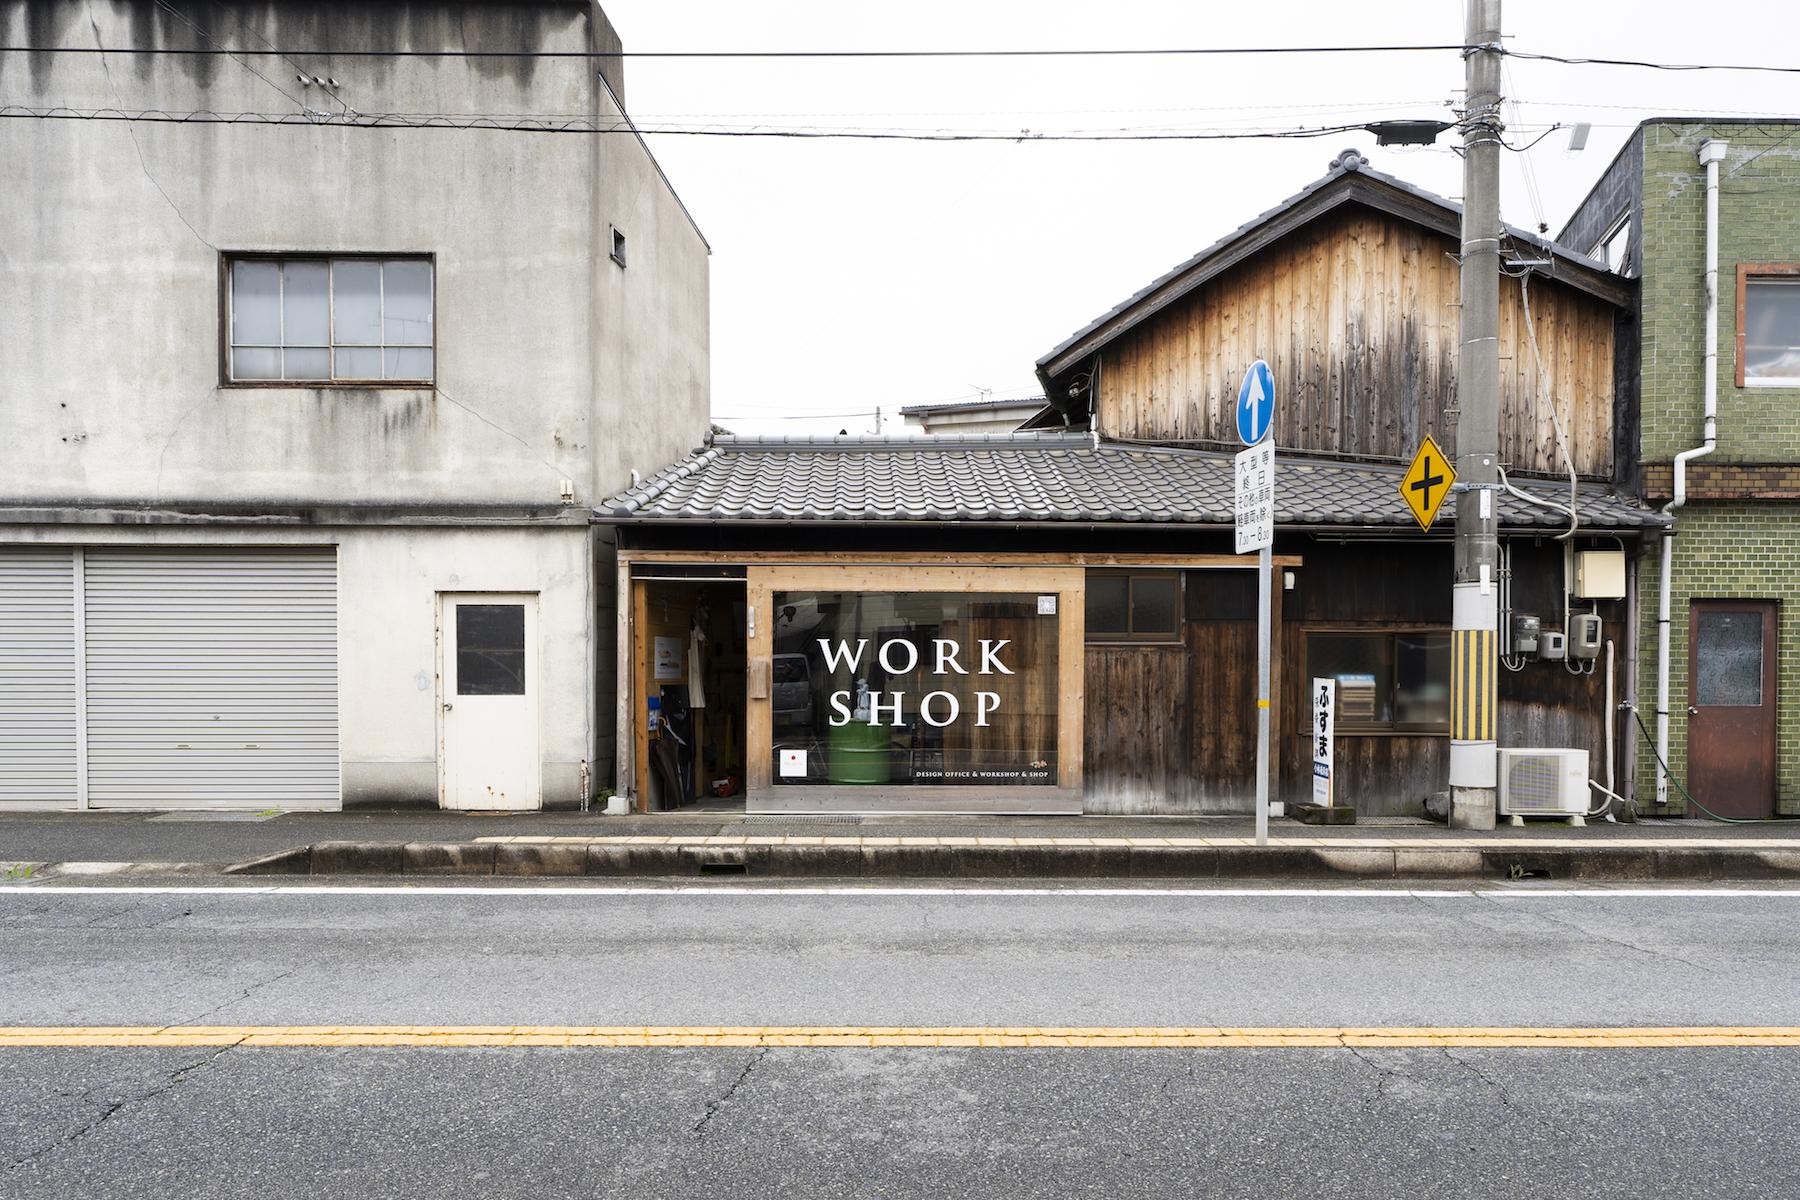 実家の表具屋の隣に建つ祖父母の家を改装して作ったMUJUN WORKSHOPの工房